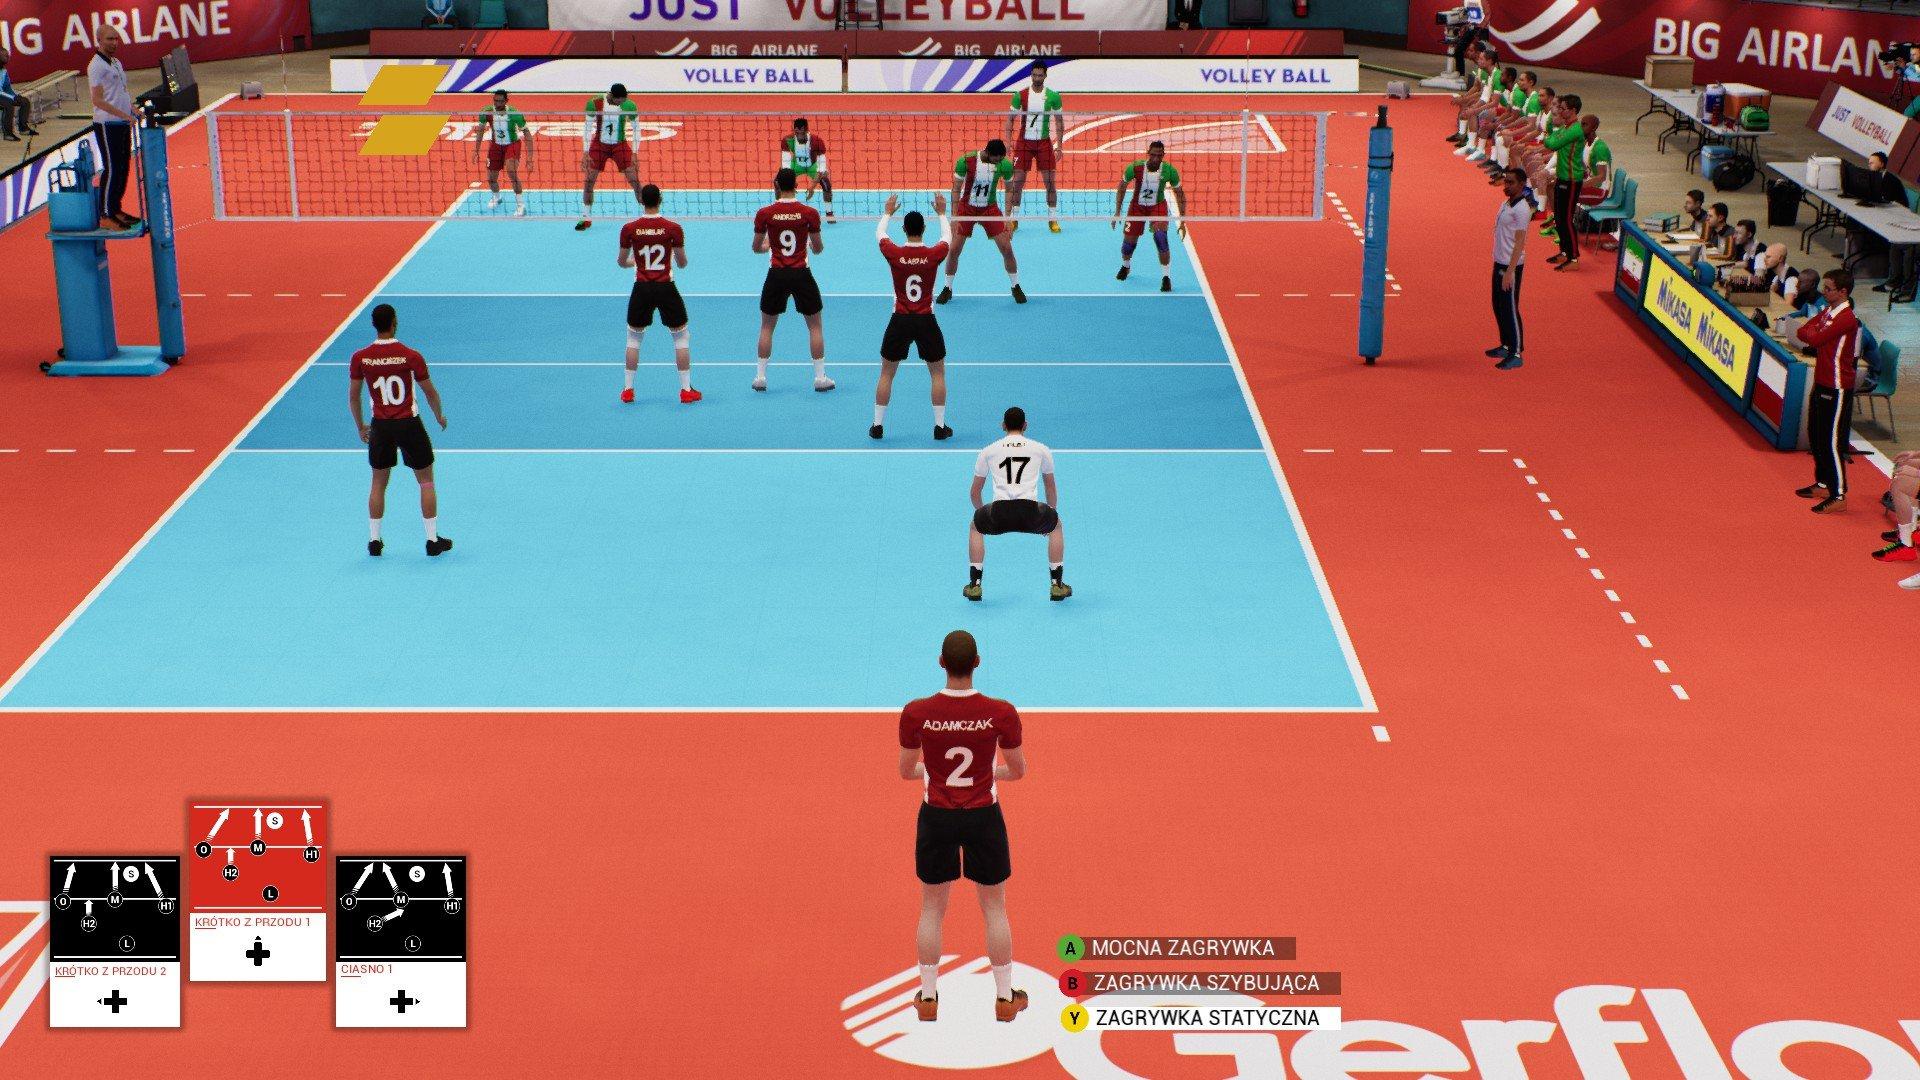 Spike Volleyball Screen (4)